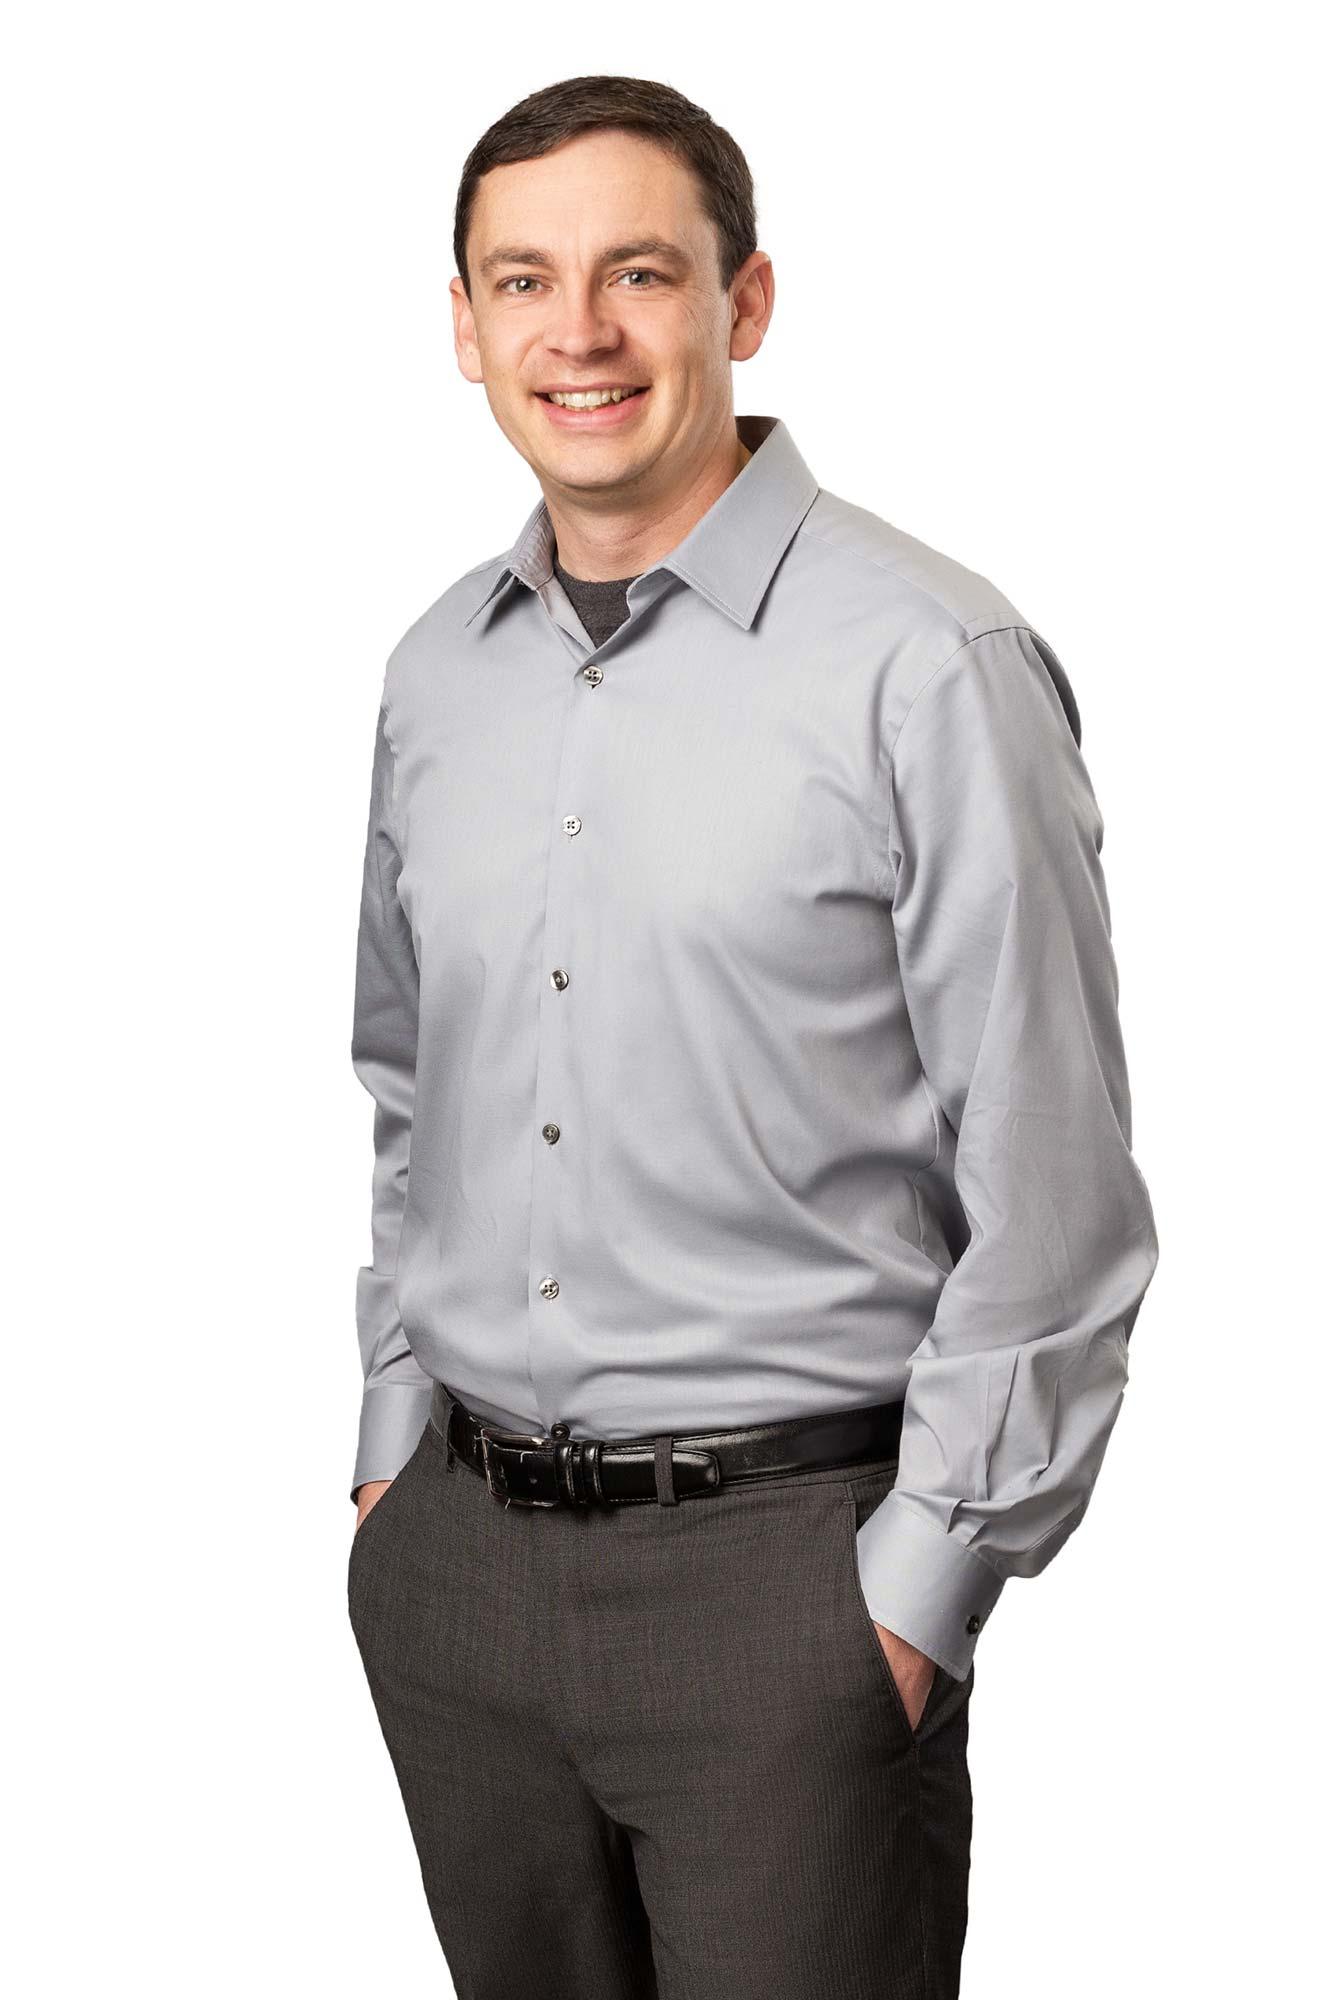 Marshall Carman, PE, SE Principal Cincinnati Office Schaefer